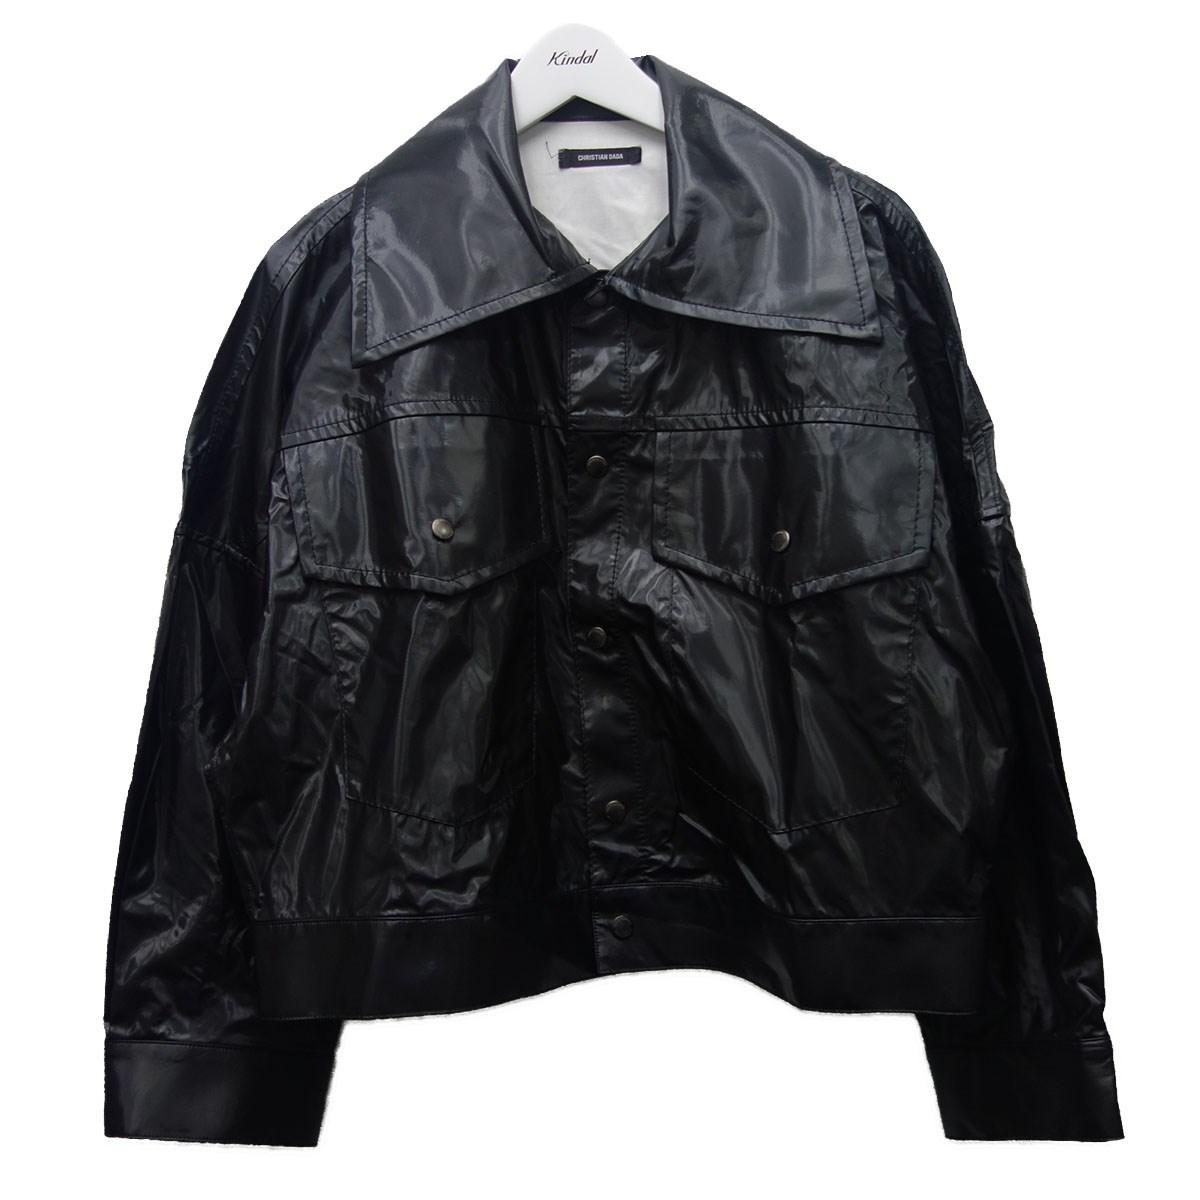 アンマーショップ 【】CHRISTIAN DADA 19SS「Polished Twill Close-up Army Jacket」ジャケット ブラック サイズ:44 【111020】(クリスチャンダダ), アシキタグン 1328a35e